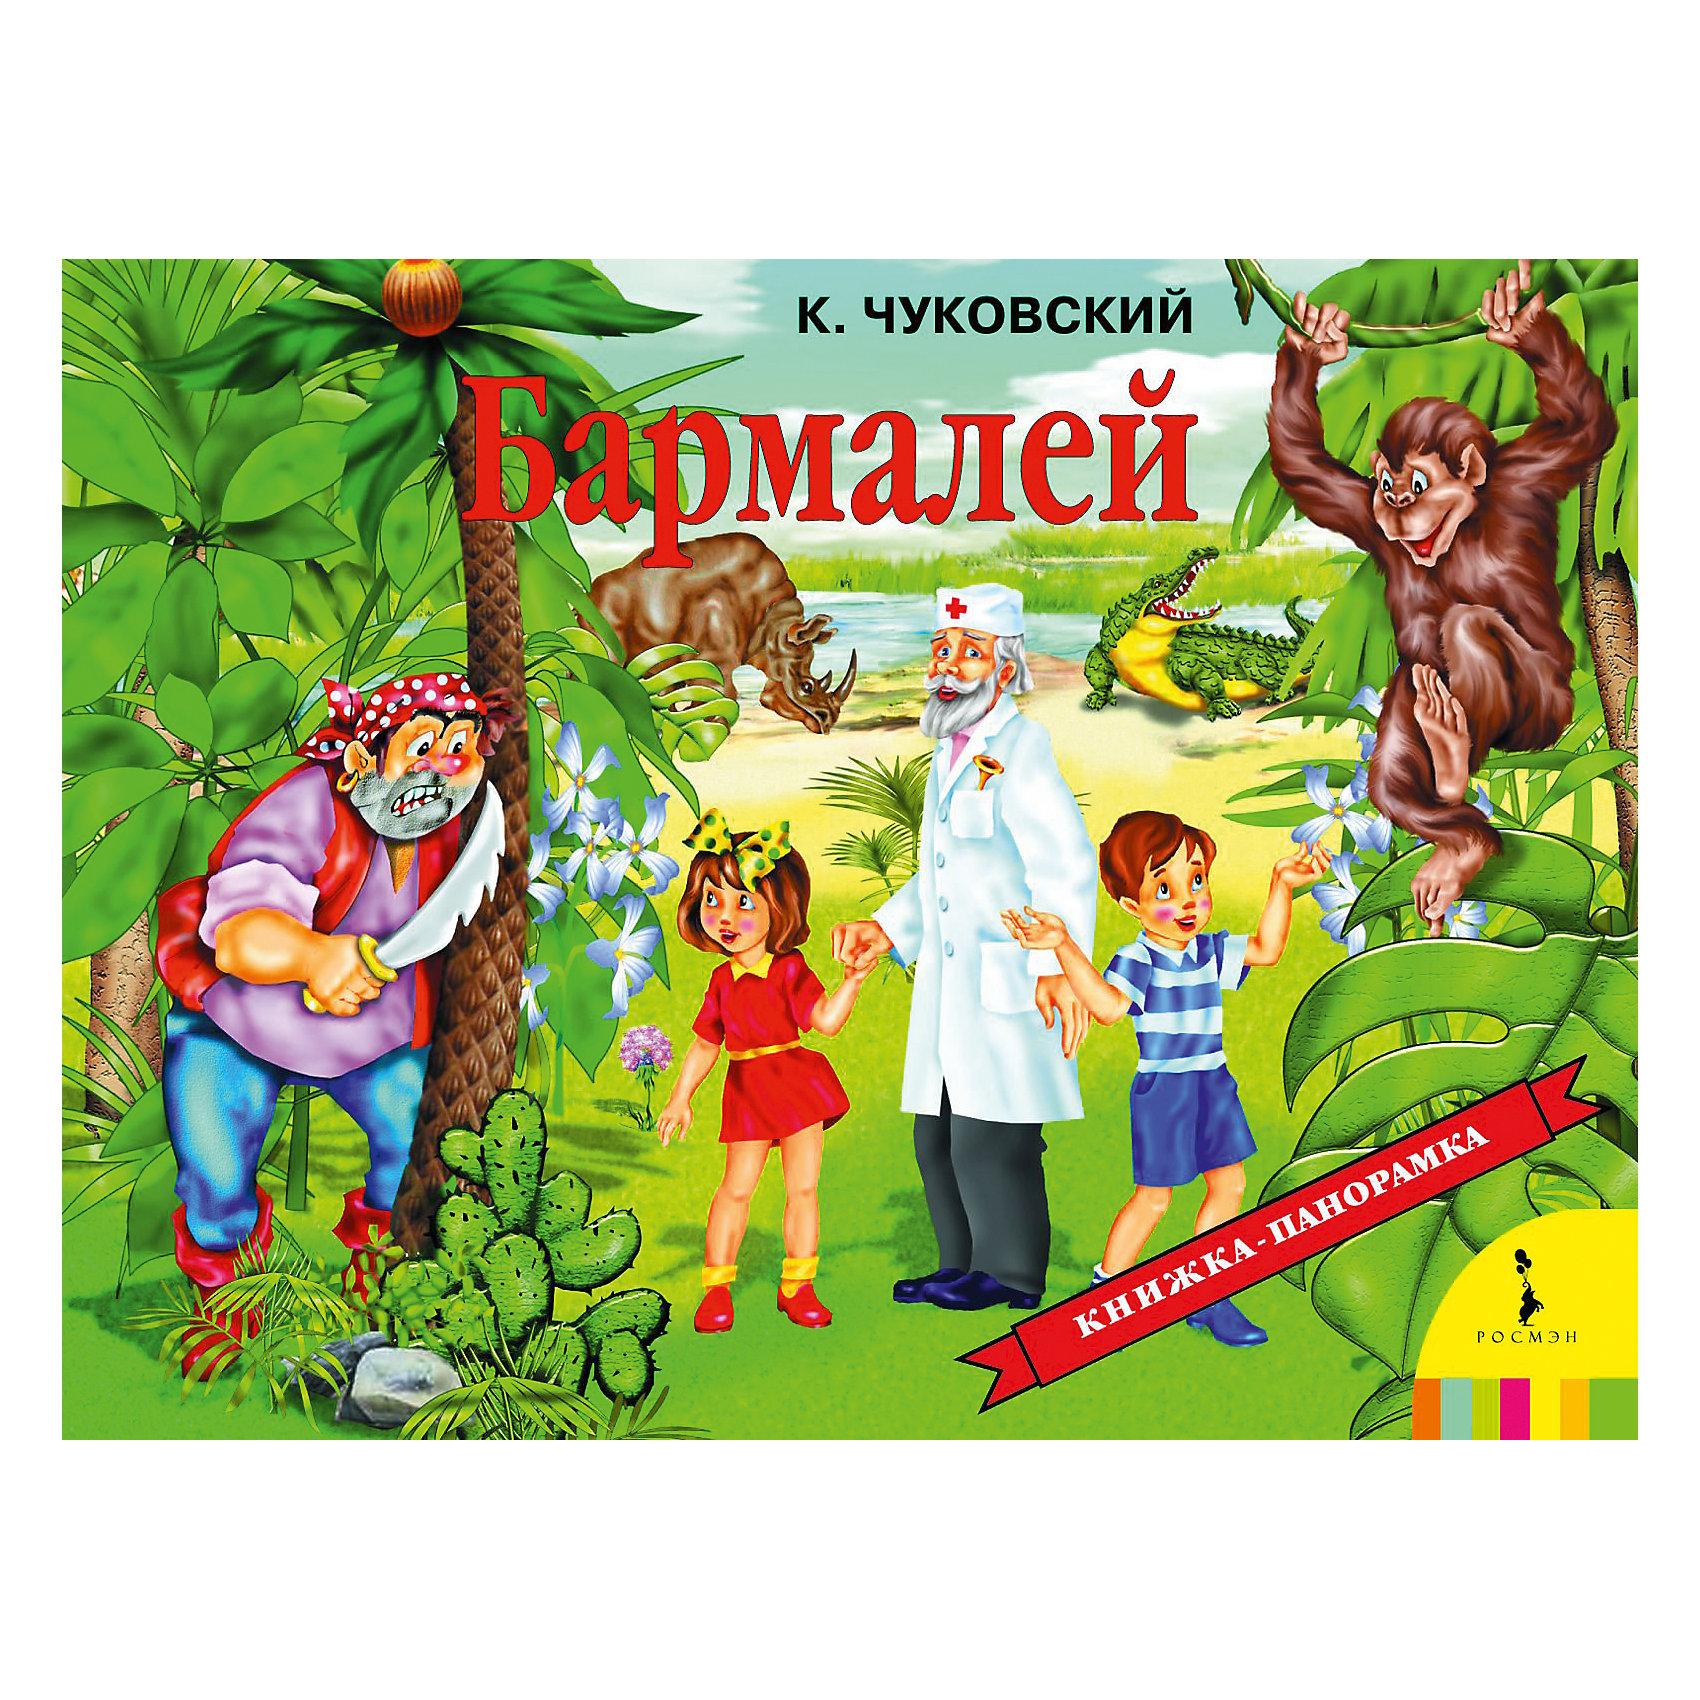 Росмэн Бармалей (панорамка) бармалей книжка панорамка чуковский к и